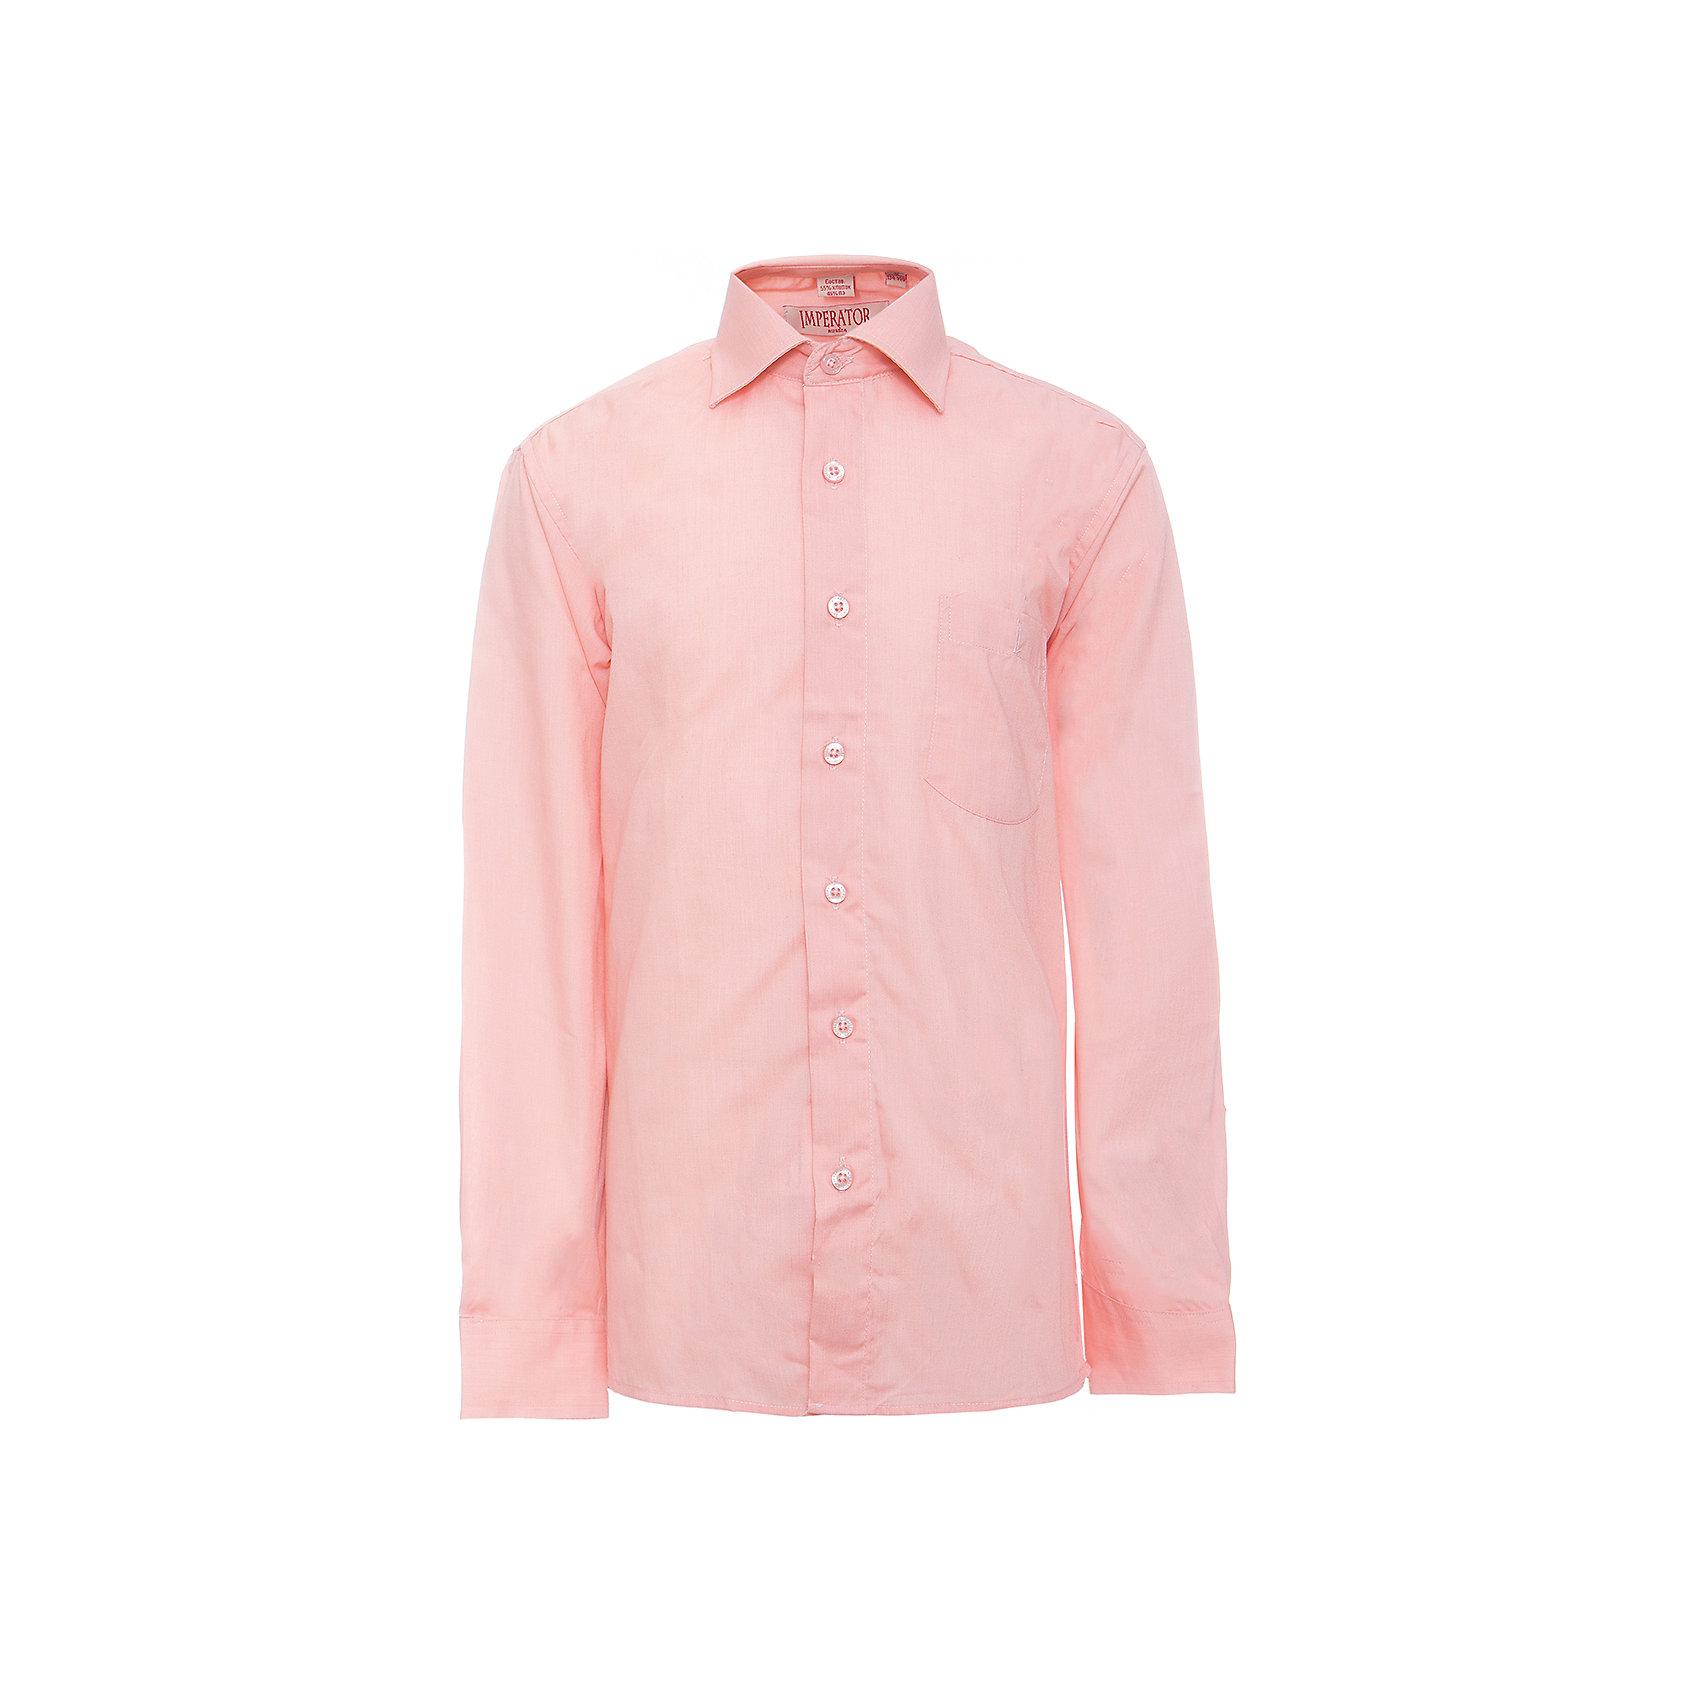 Рубашка для мальчика ImperatorБлузки и рубашки<br>Характеристики товара:<br><br>• цвет: коралловый<br>• состав ткани: 55% хлопок, 45% полиэстер<br>• особенности: школьная, праздничная<br>• застежка: пуговицы<br>• рукава: длинные<br>• сезон: круглый год<br>• страна бренда: Российская Федерация<br>• страна изготовитель: Китай<br><br>Классическая сорочка для мальчика - отличный вариант практичной и стильной школьной одежды.<br><br>Накладной карман, свободный покрой, дышащая ткань с преобладанием хлопка - красиво и удобно.<br><br>Рубашку для мальчика Imperator (Император) можно купить в нашем интернет-магазине.<br><br>Ширина мм: 174<br>Глубина мм: 10<br>Высота мм: 169<br>Вес г: 157<br>Цвет: розовый<br>Возраст от месяцев: 72<br>Возраст до месяцев: 84<br>Пол: Мужской<br>Возраст: Детский<br>Размер: 122/128,164/170,128/134,134/140,140/146,146/152,146/152,152/158,152/158,158/164<br>SKU: 6860853